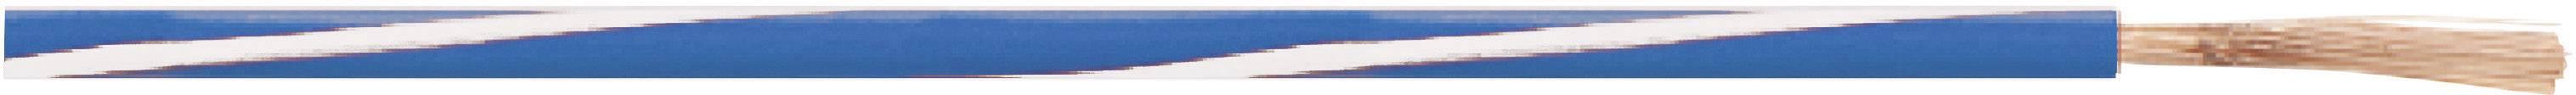 Opletenie / lanko LappKabel 4512422S X05V-K, 1 x 0.75 mm², vonkajší Ø 2.70 mm, 250 m, červená, biela